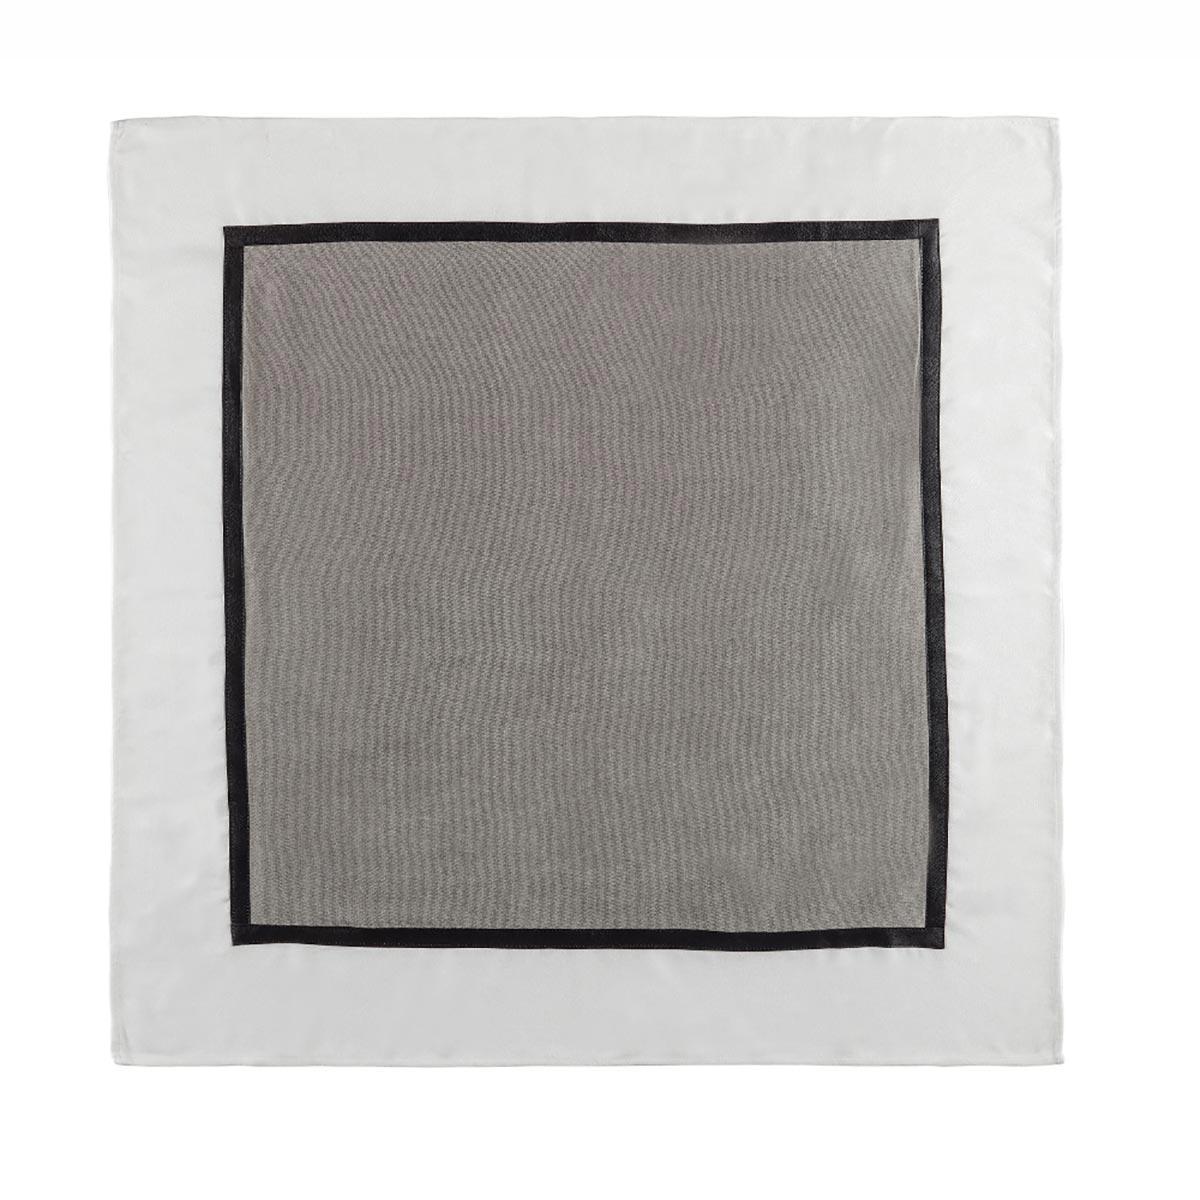 Τραπεζοκαρέ (120×120) Kentia Loft Genaro